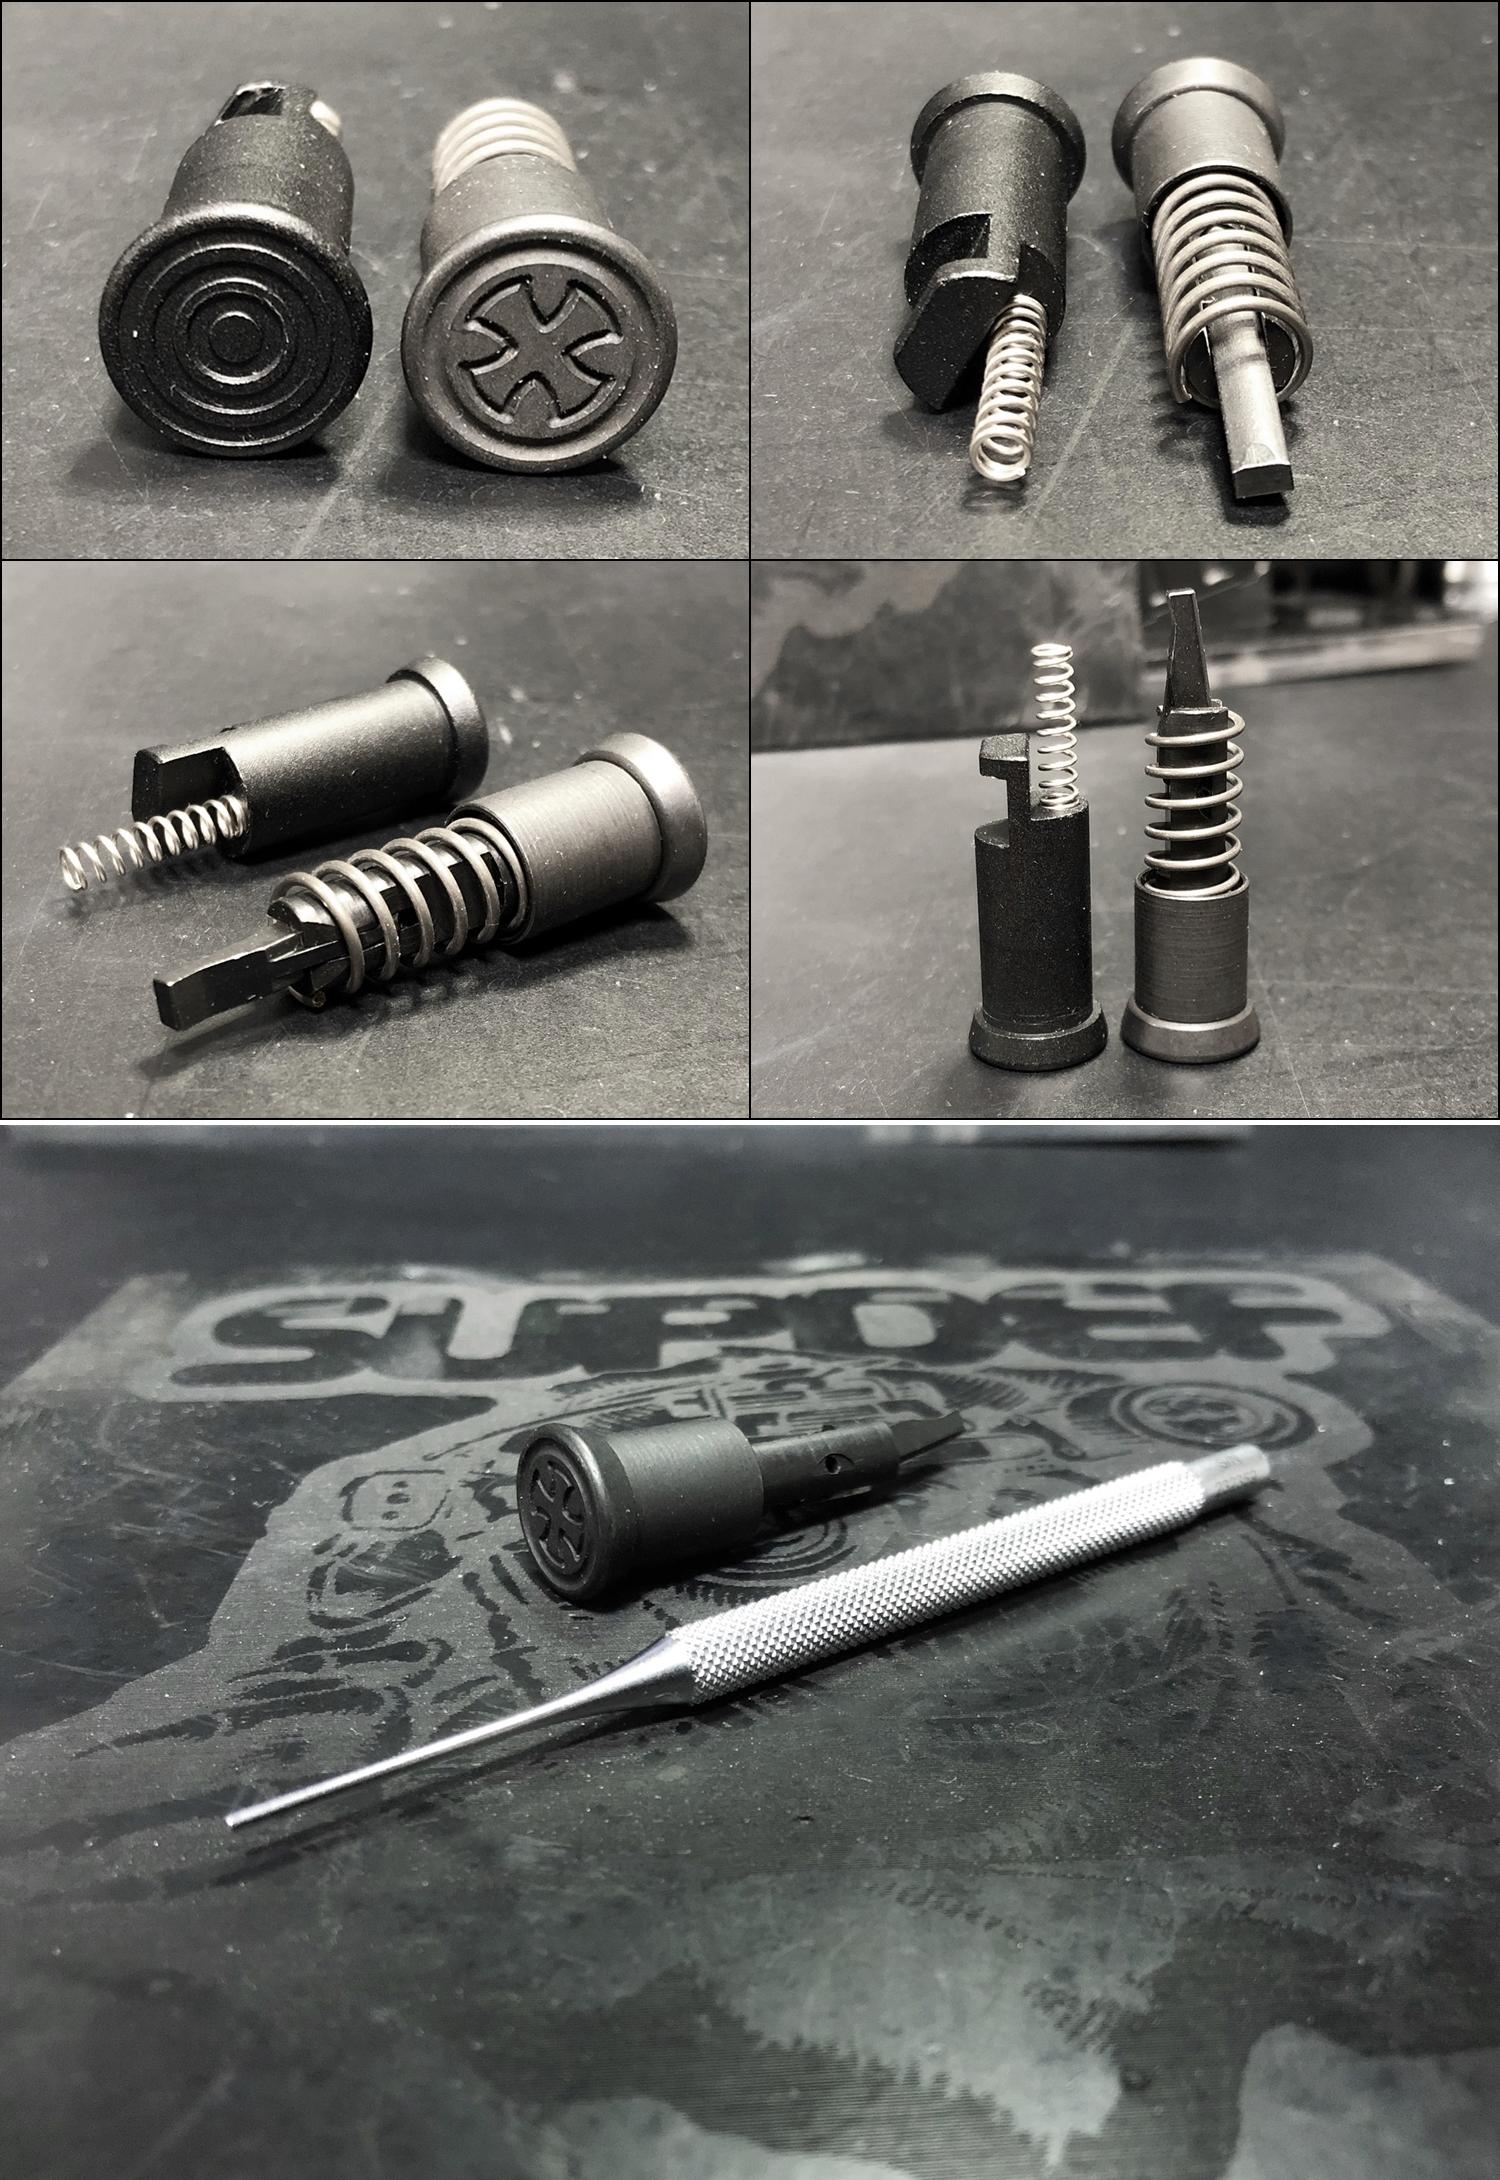 6 実物 NOVESKE MARKED FORWARD ASSIST KIT!! 次世代 AR-15 HILOG M4 N4 プチ DIY カスタム編!! フォワードアシストノブ フォアードアシスト!! 3D DIY 購入 加工 取付 交換 レビュー!!